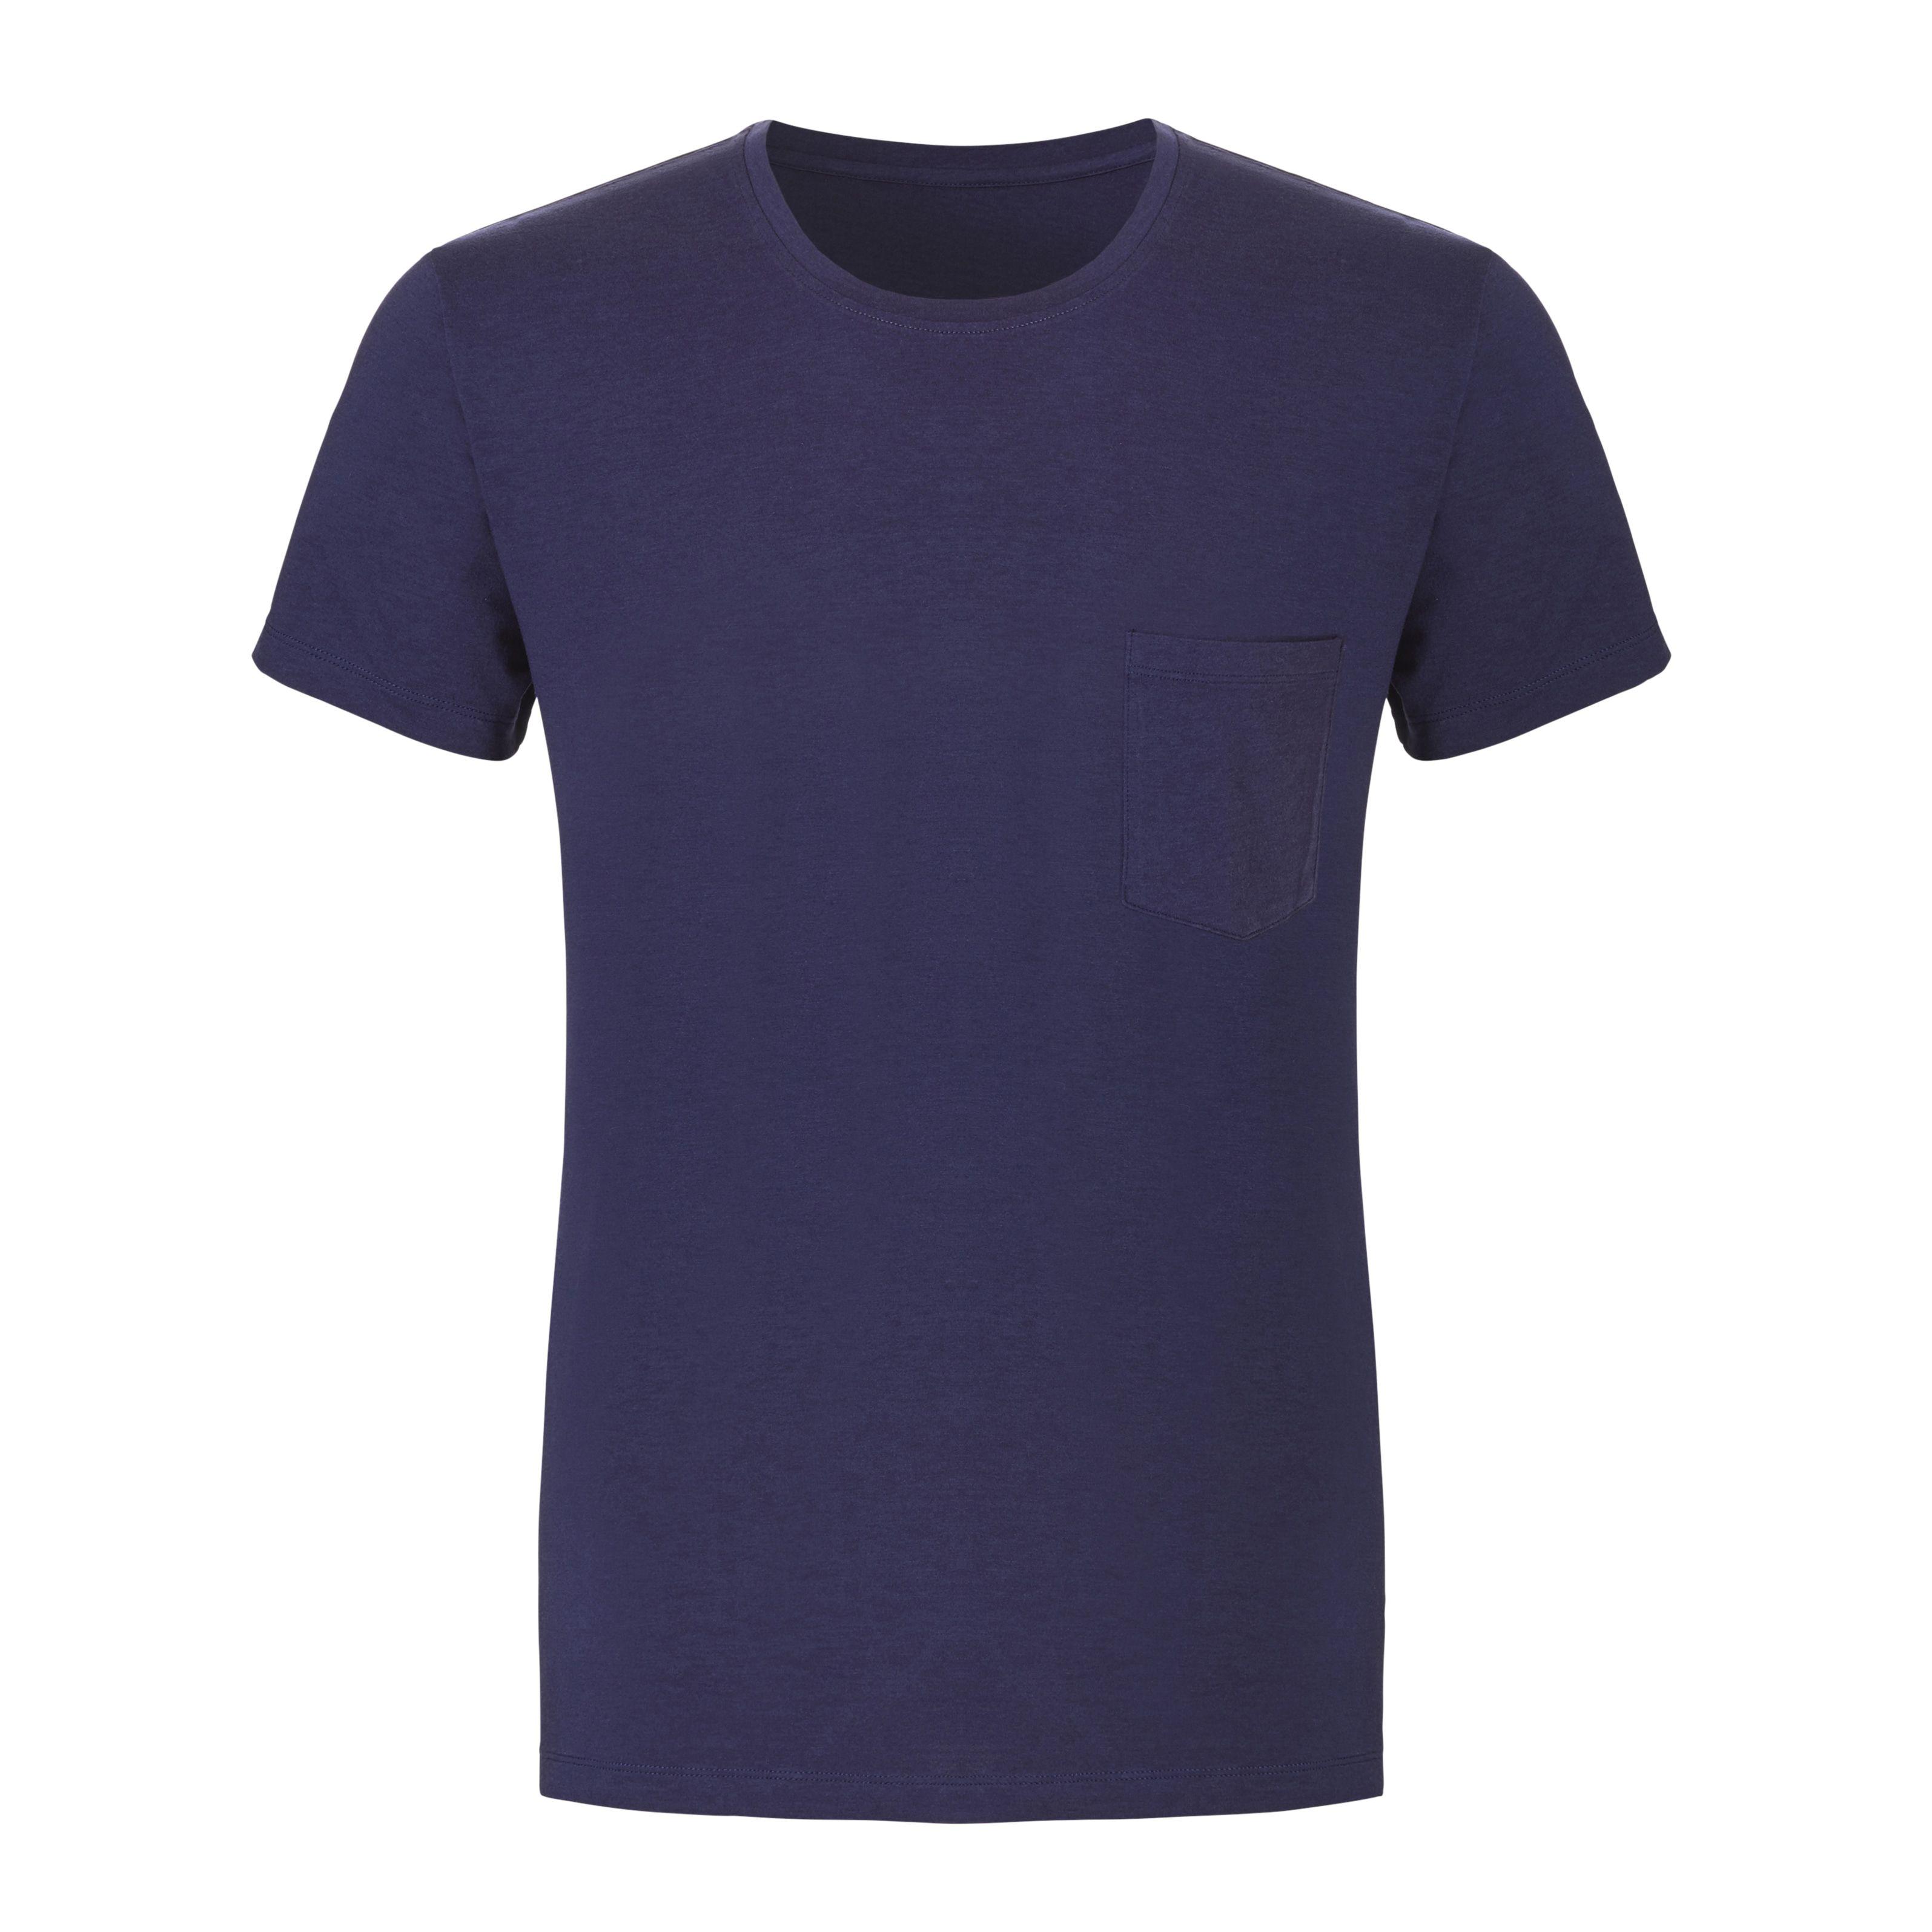 Ten Cate Men Jersey t-shirt navy